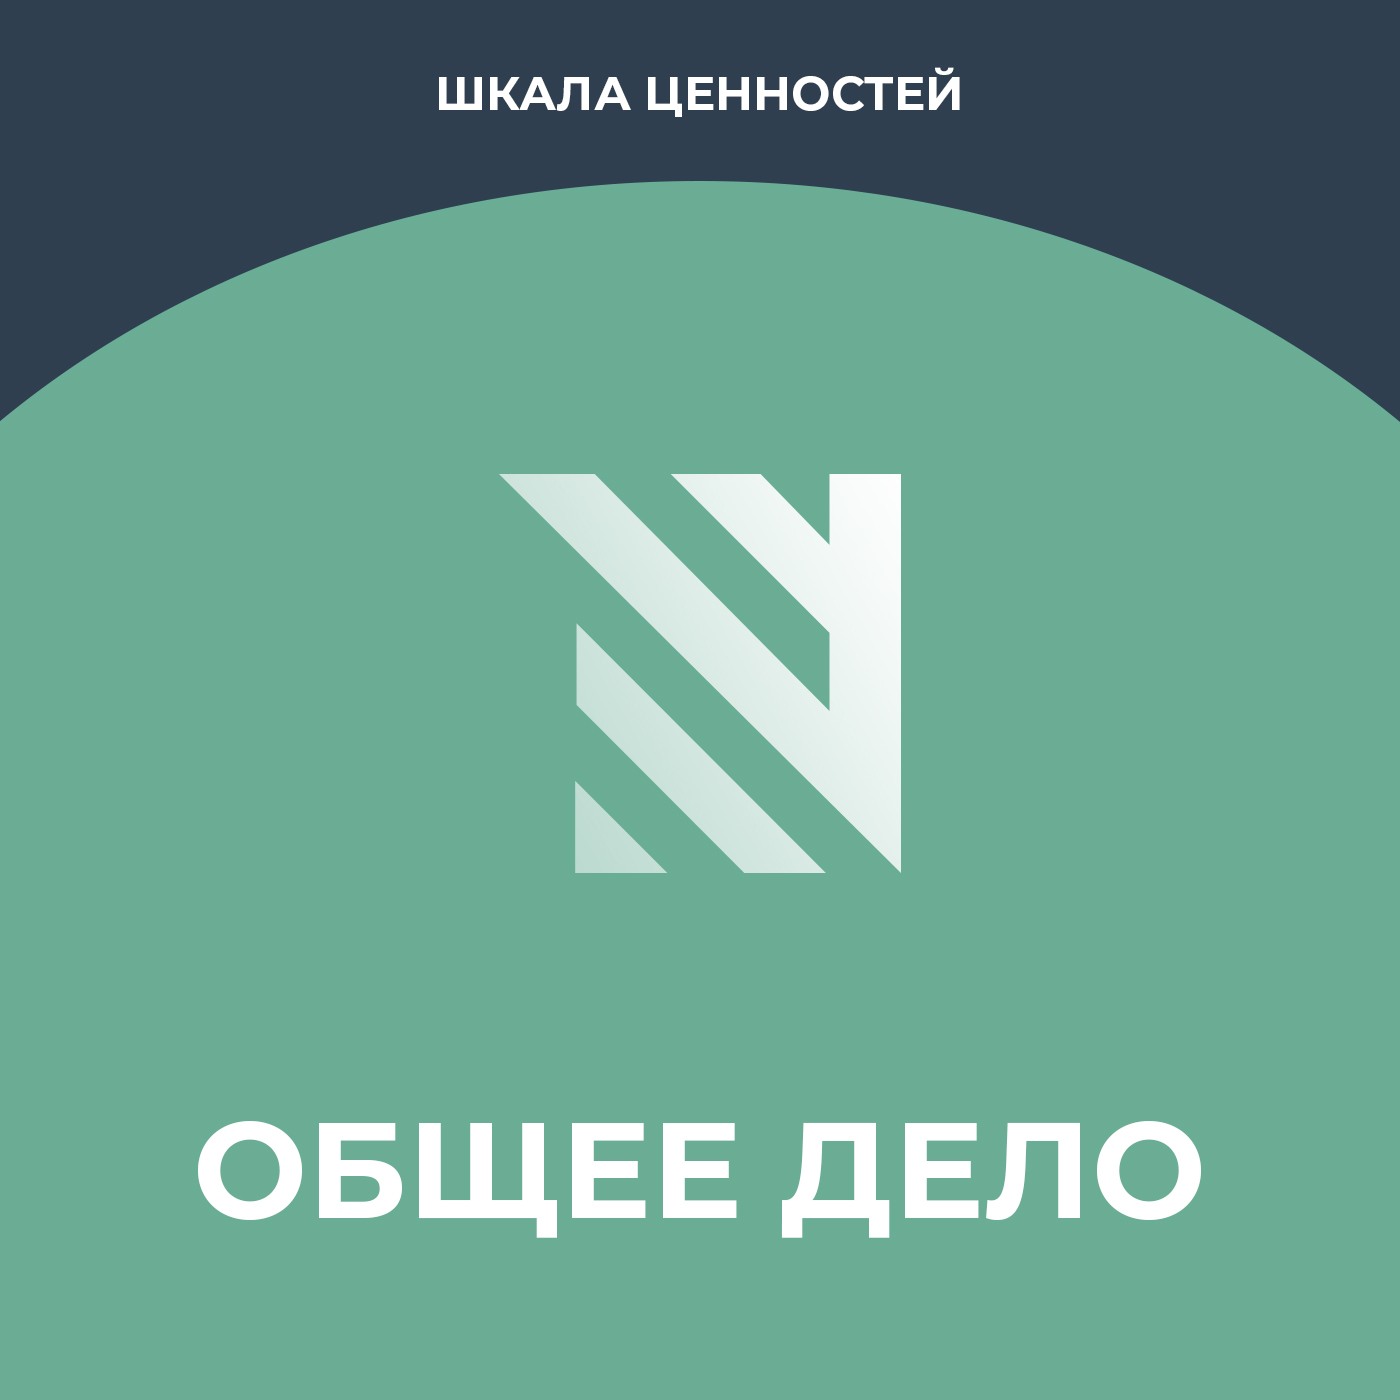 Общее дело #11. Дарья Ананьева. Как развивать независимое пространство вдали от Москвы